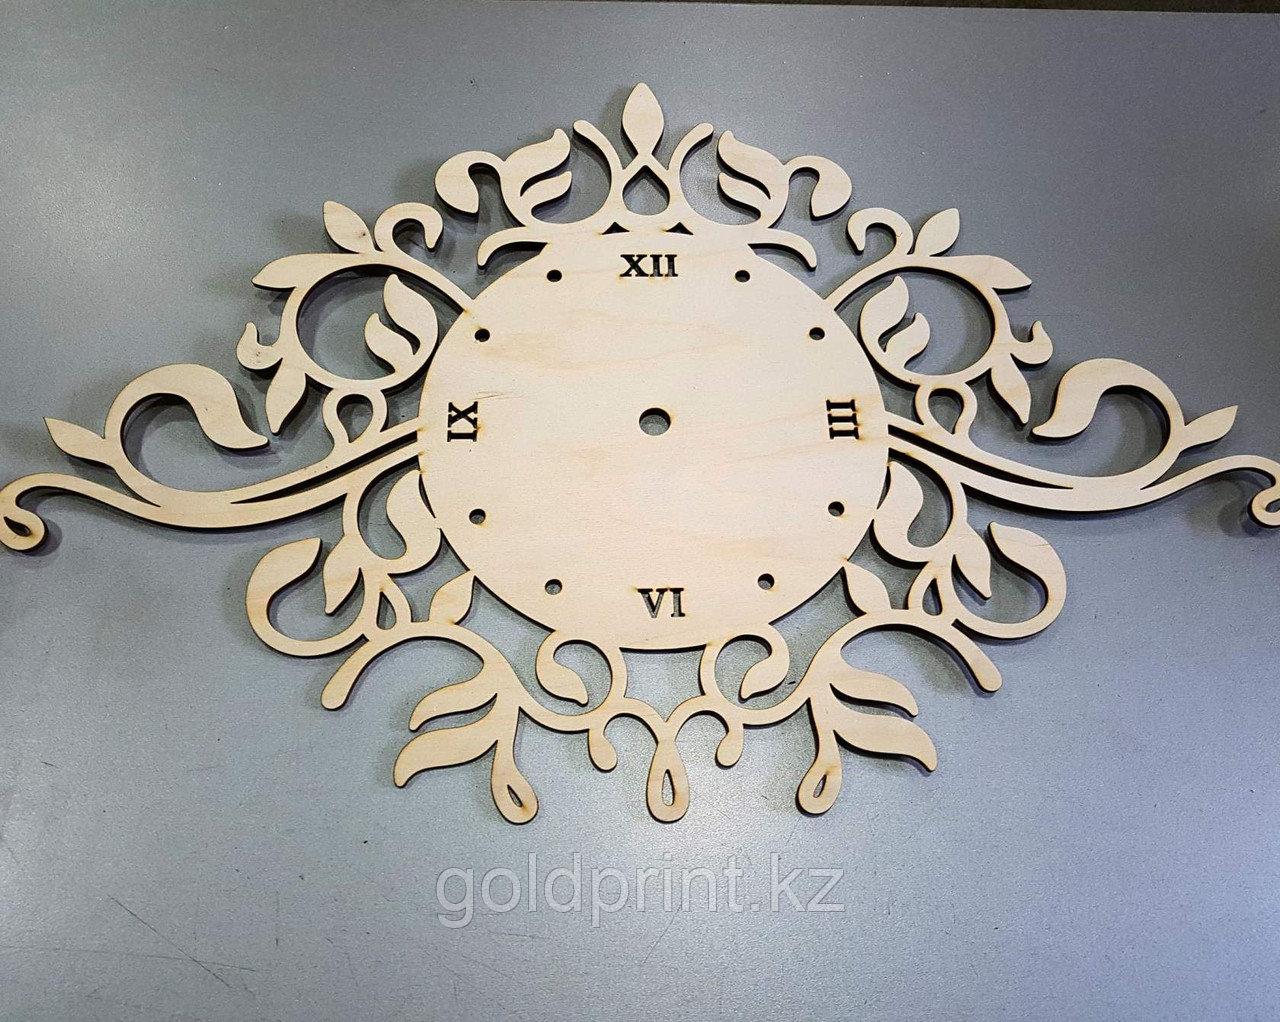 Заготовки для часов из фанеры в наличии и на заказ